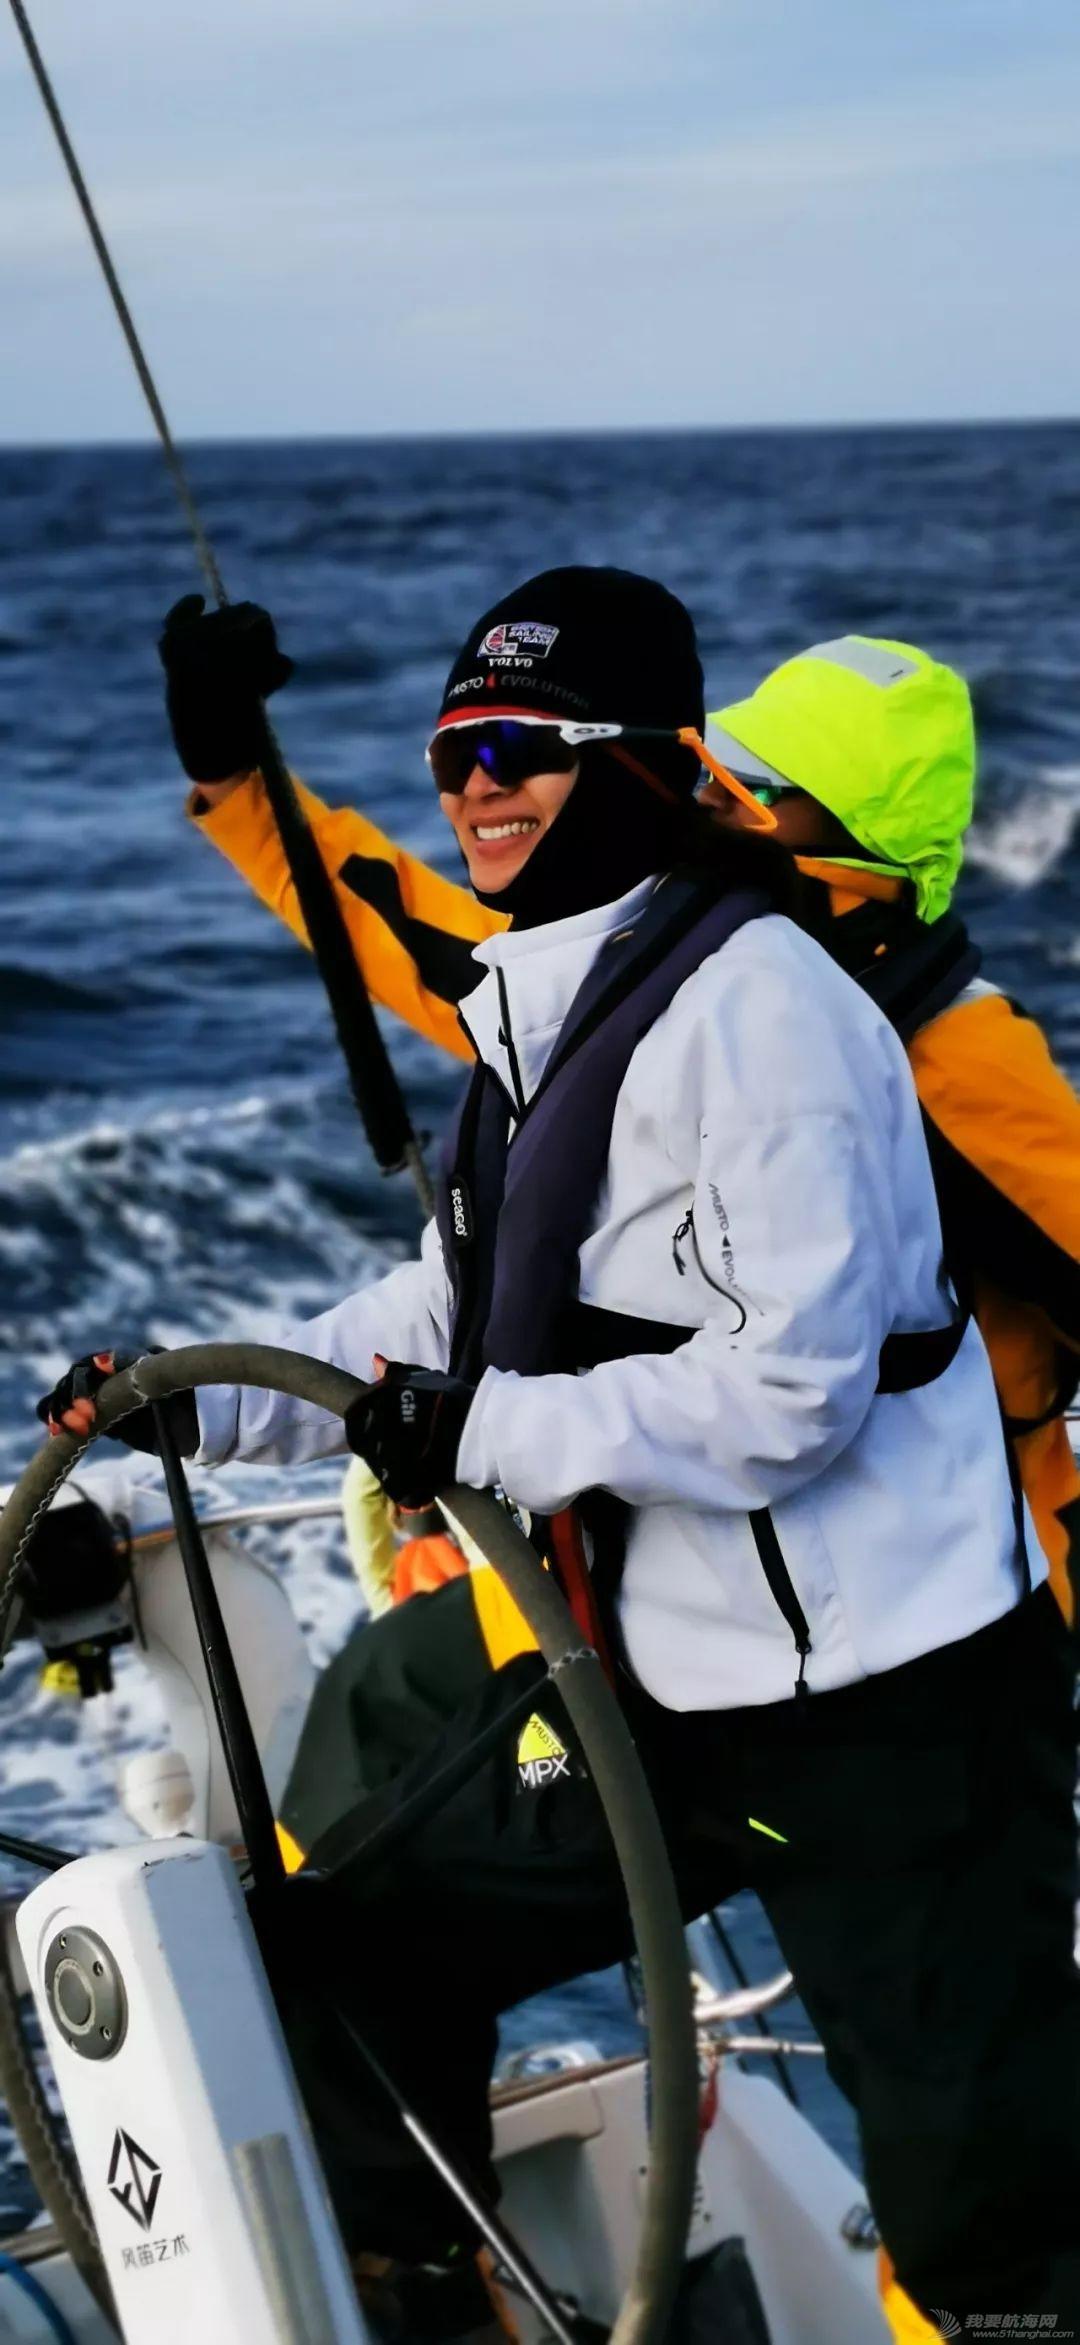 帆船圈女钢铁侠:绕过爱尔兰灯塔w3.jpg